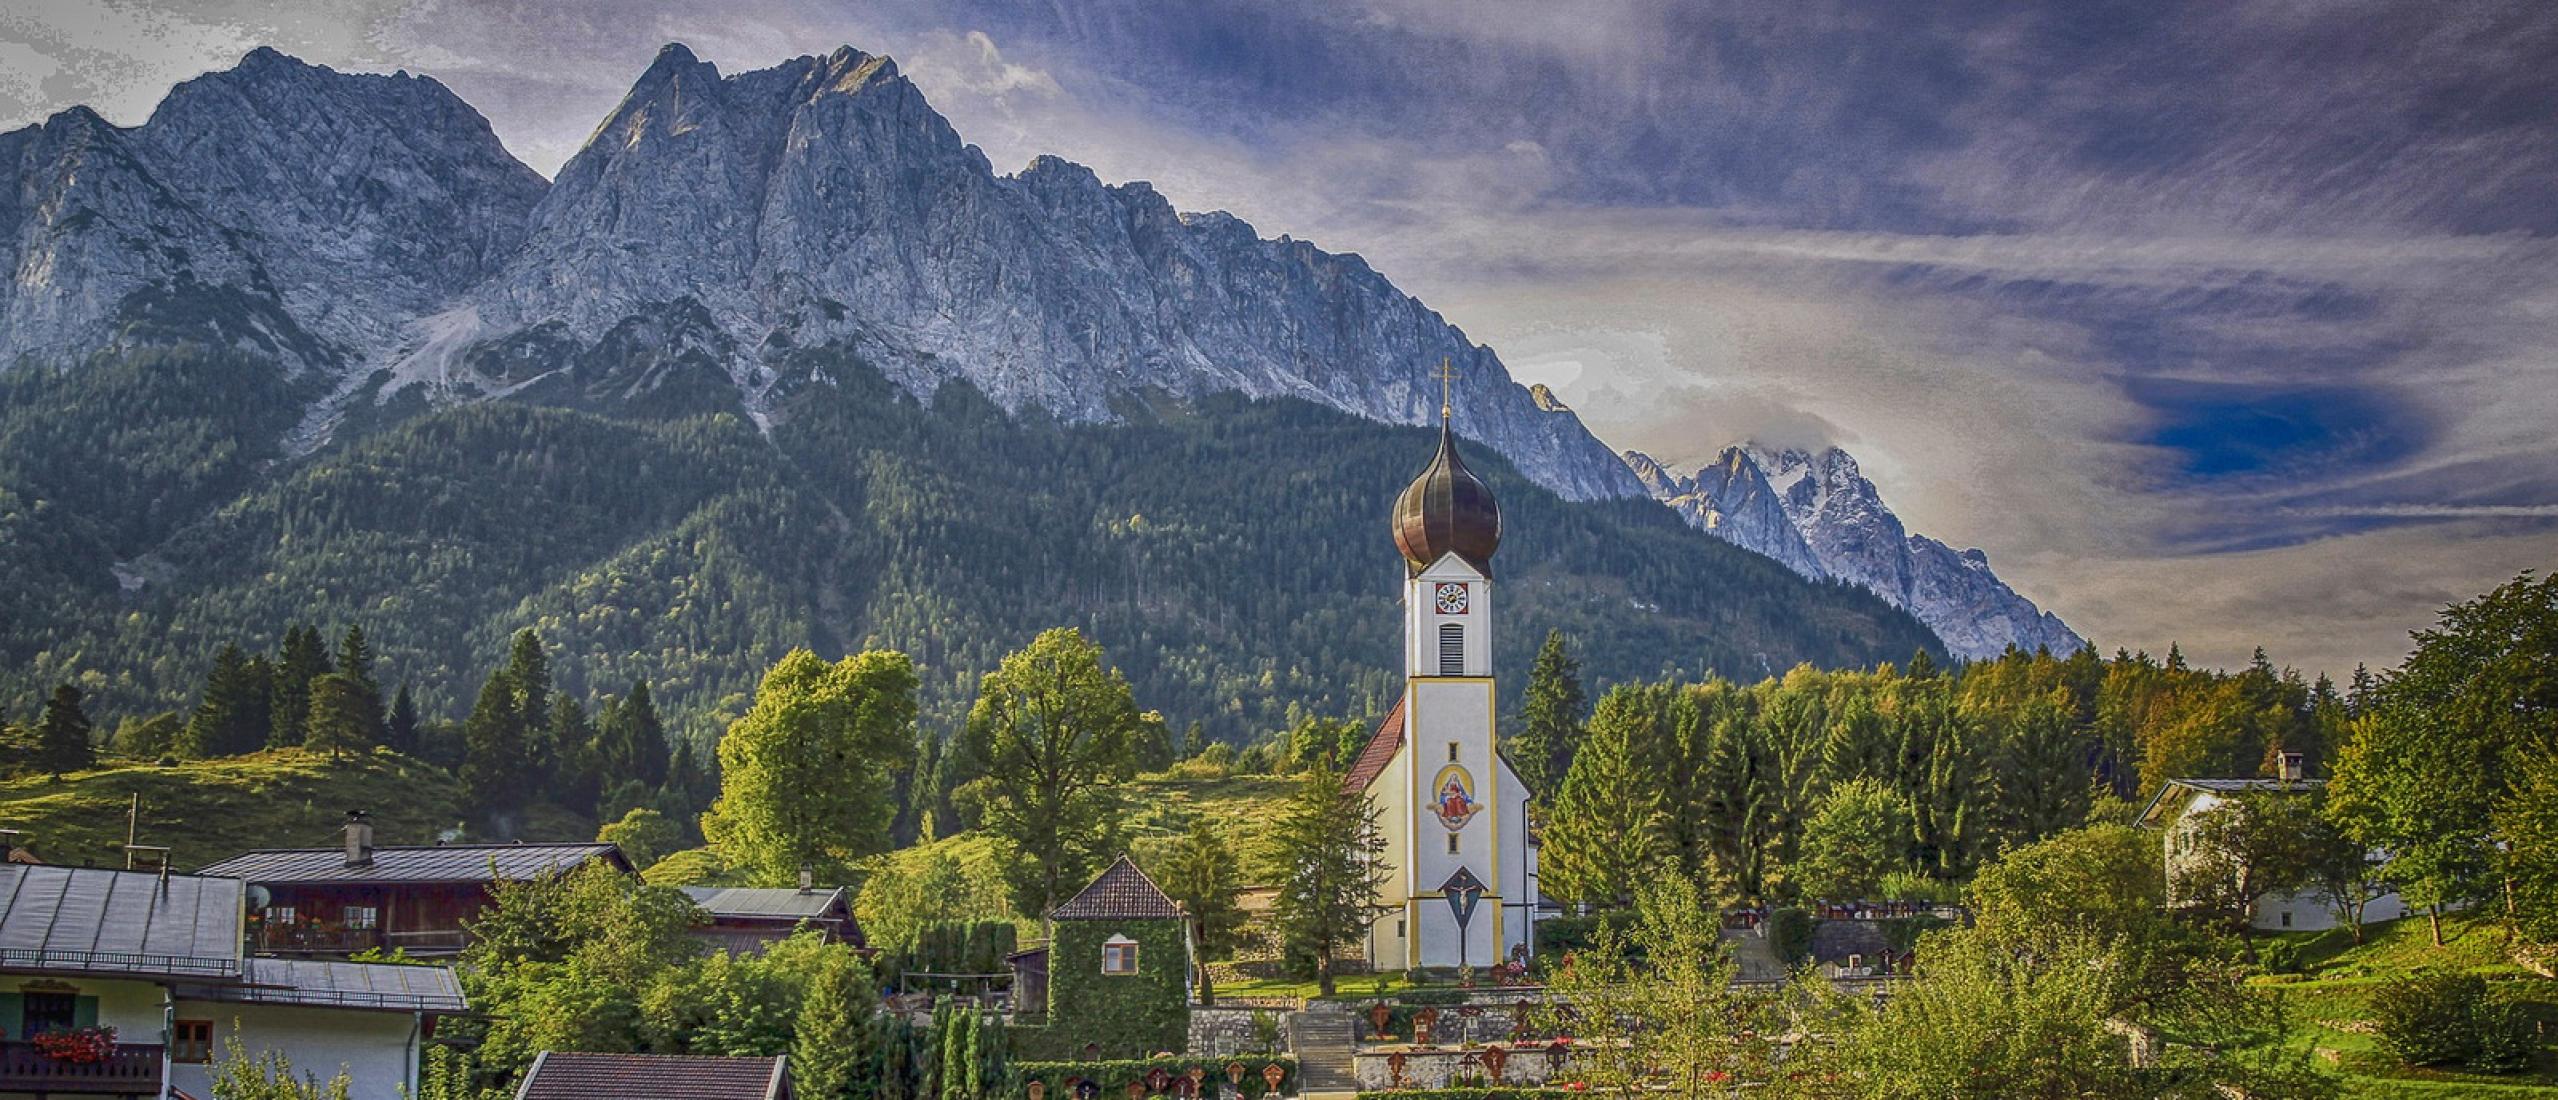 Dit is de populairste vakantieroute in Zuid-Duitsland